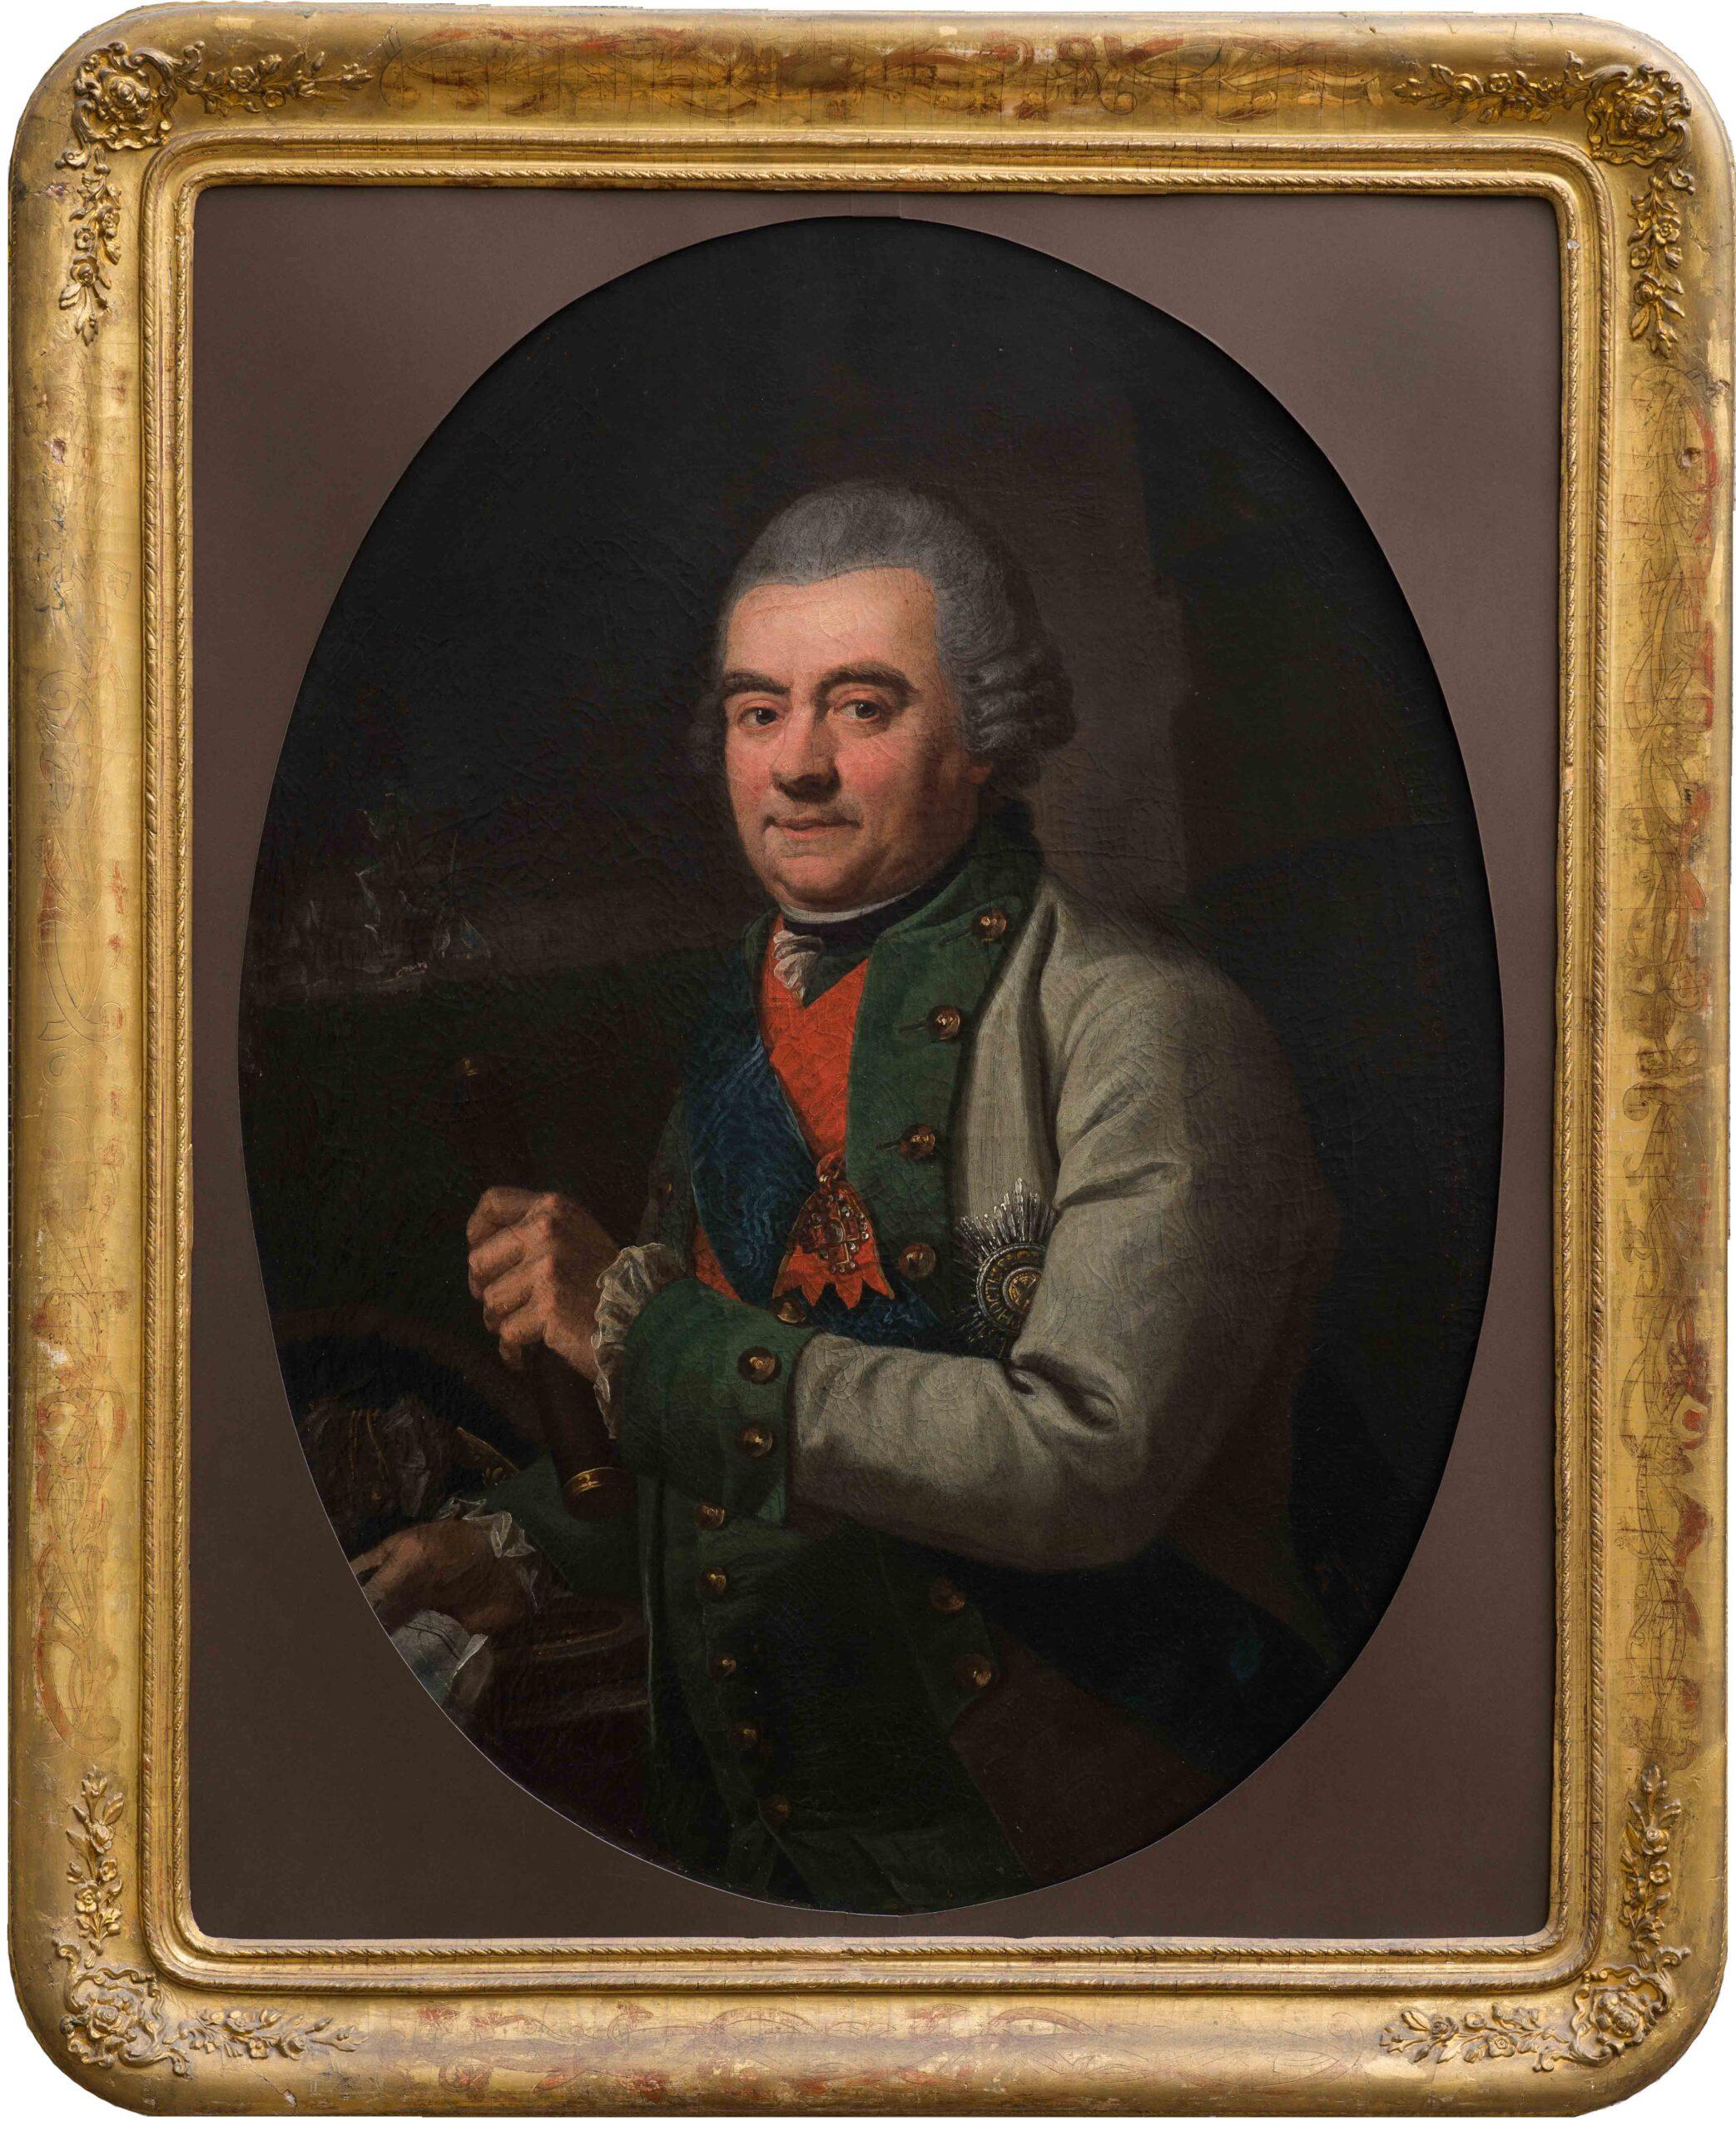 Неизвестный художник. Портрет адмирала Григория Андреевича Спиридова (1713 - 1790). ГИМ.